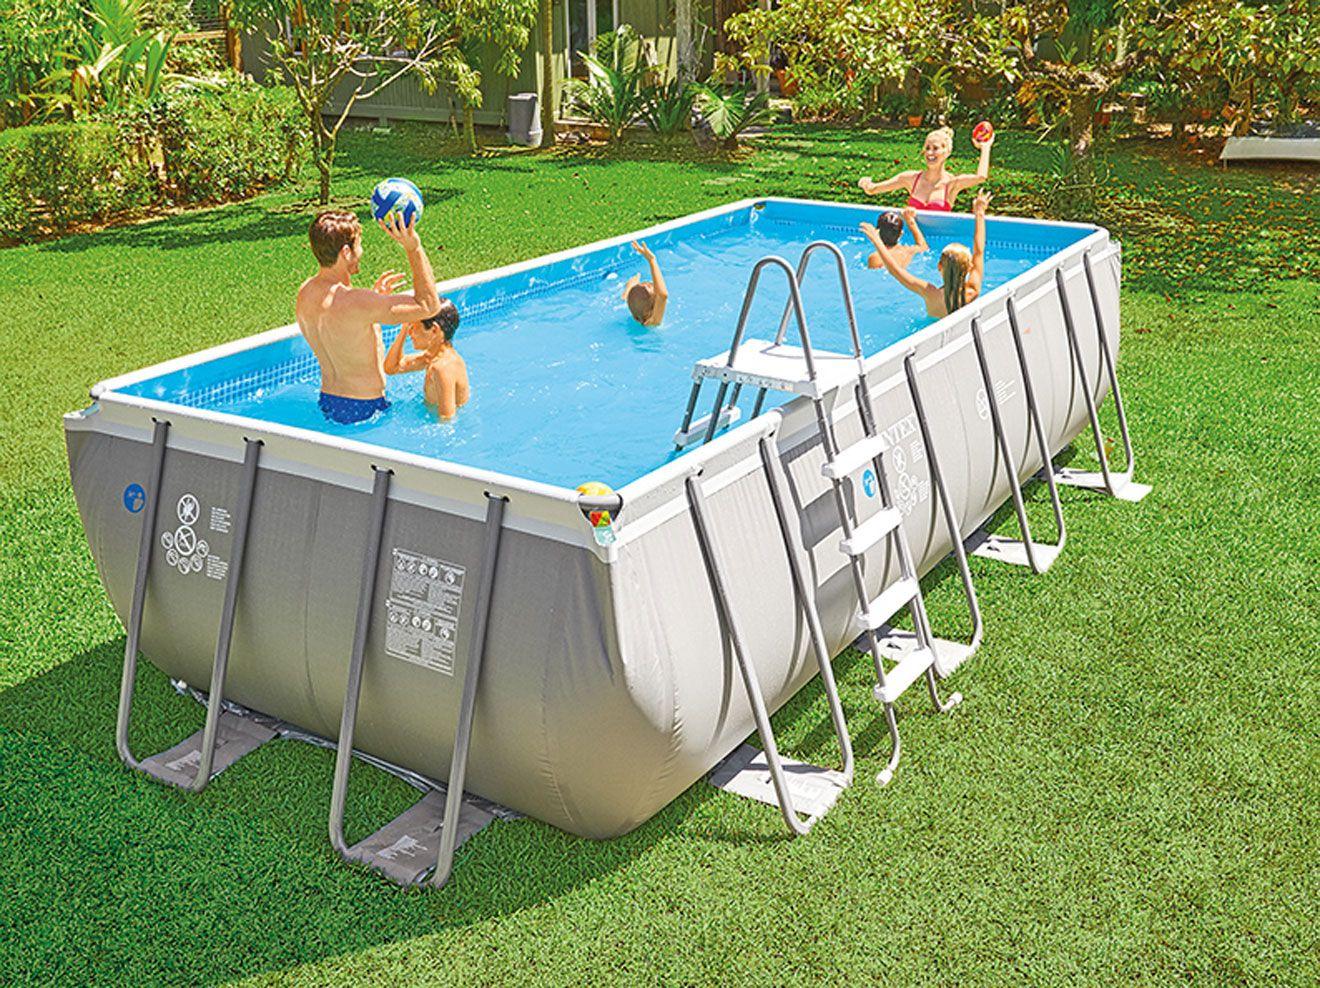 Bei Aldi Süd gibt es jetzt einen Pool zu kaufen | Aldi ...